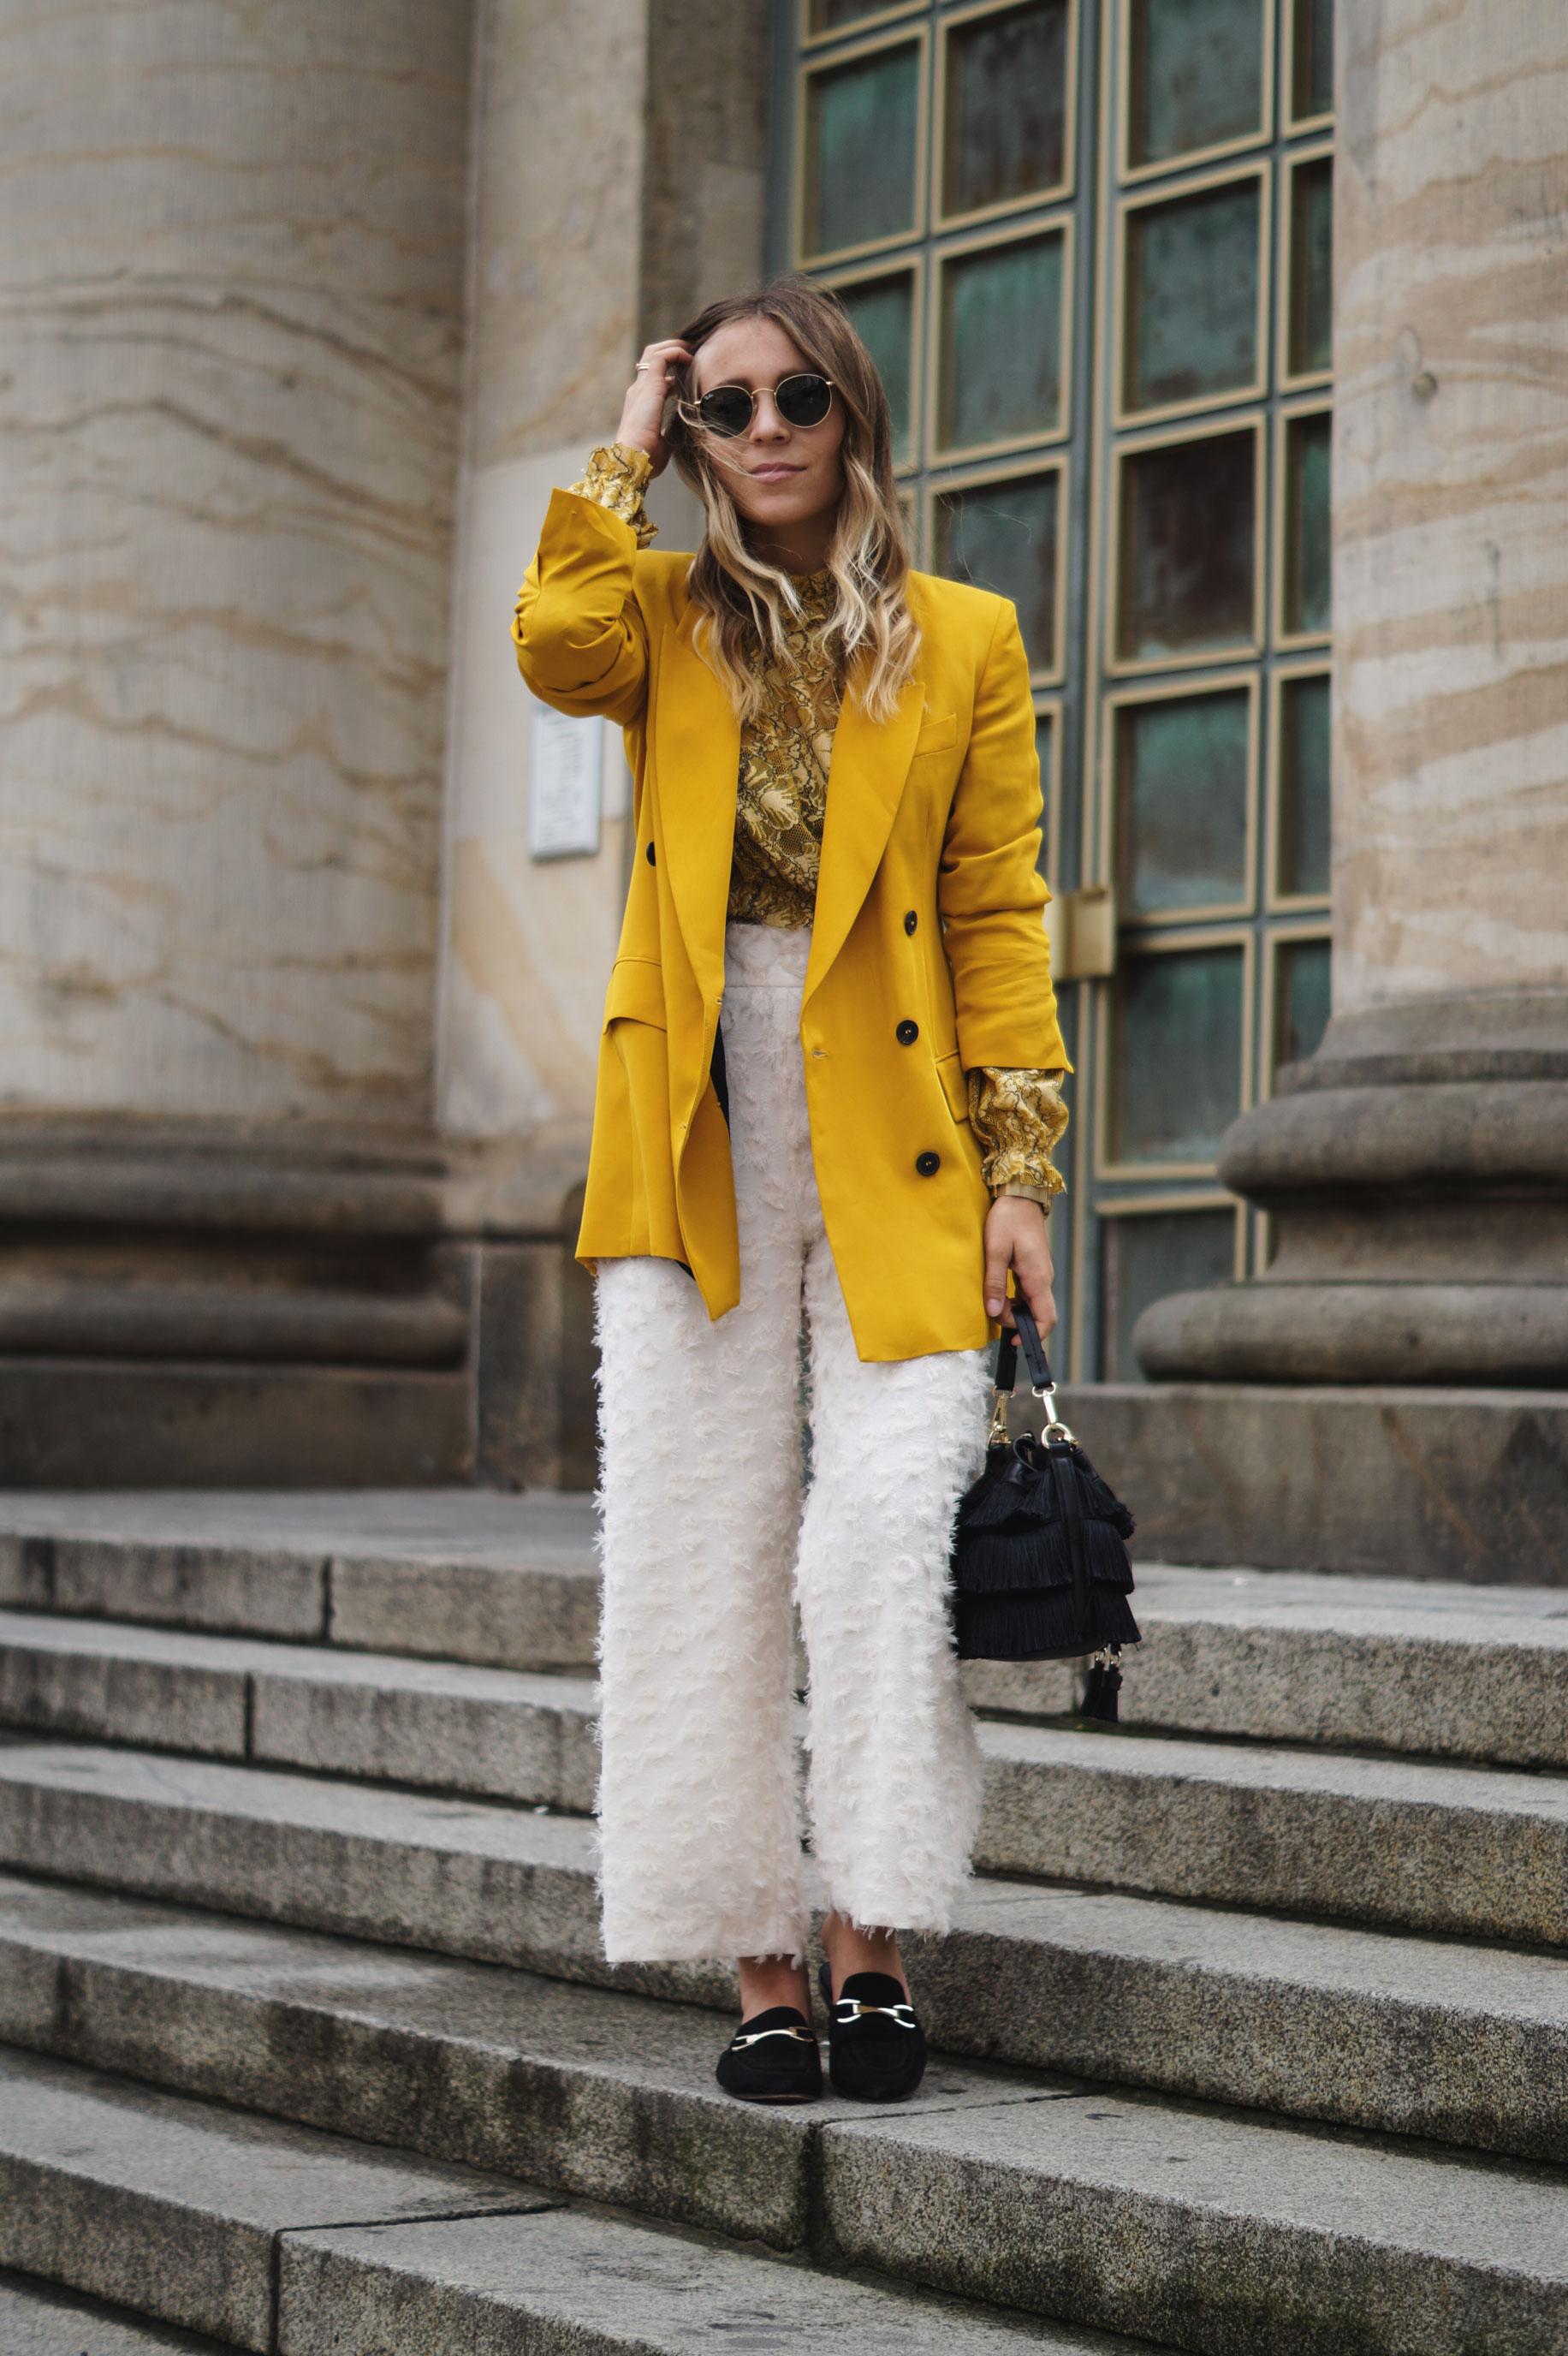 Sariety Fashionblog Mercedes Benz Fashion Week Berlin Streetstyle Yellow Blazer Mustard Spitzenshirt Croptop Modeblog Heidelberg_4